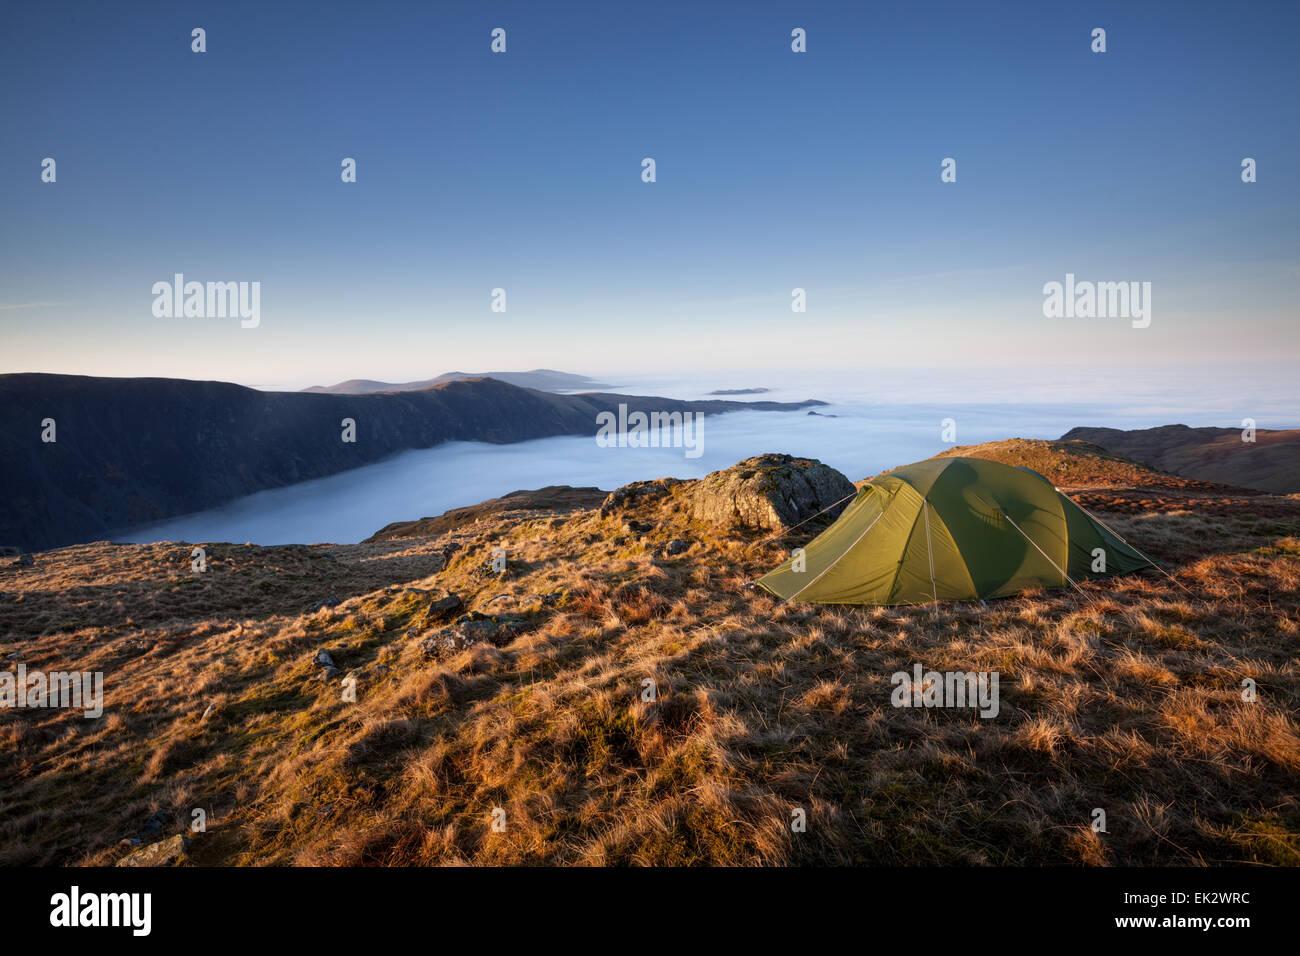 El amanecer y la inversión de la nube sobre el agua residual desde nuestra carpa camping wild pitch en la parte Imagen De Stock